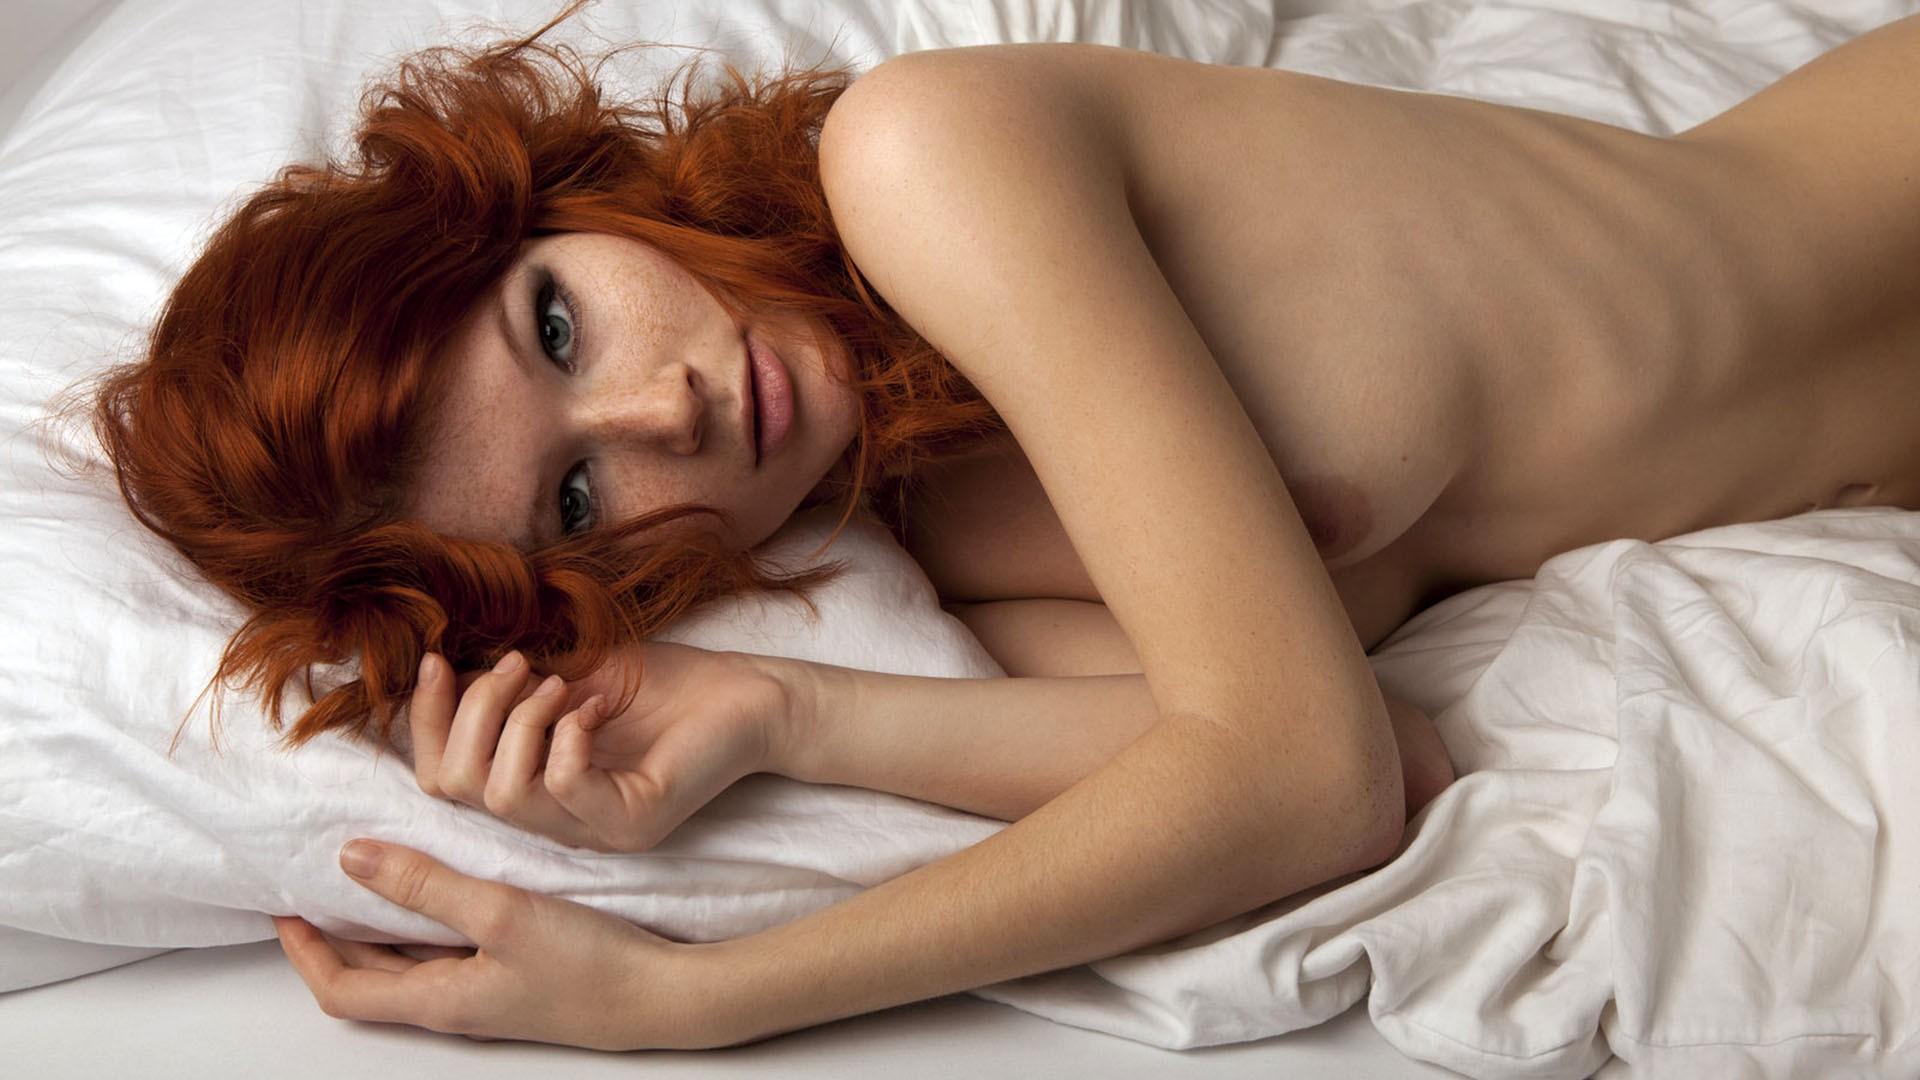 рыжие девушки интим фото женщина